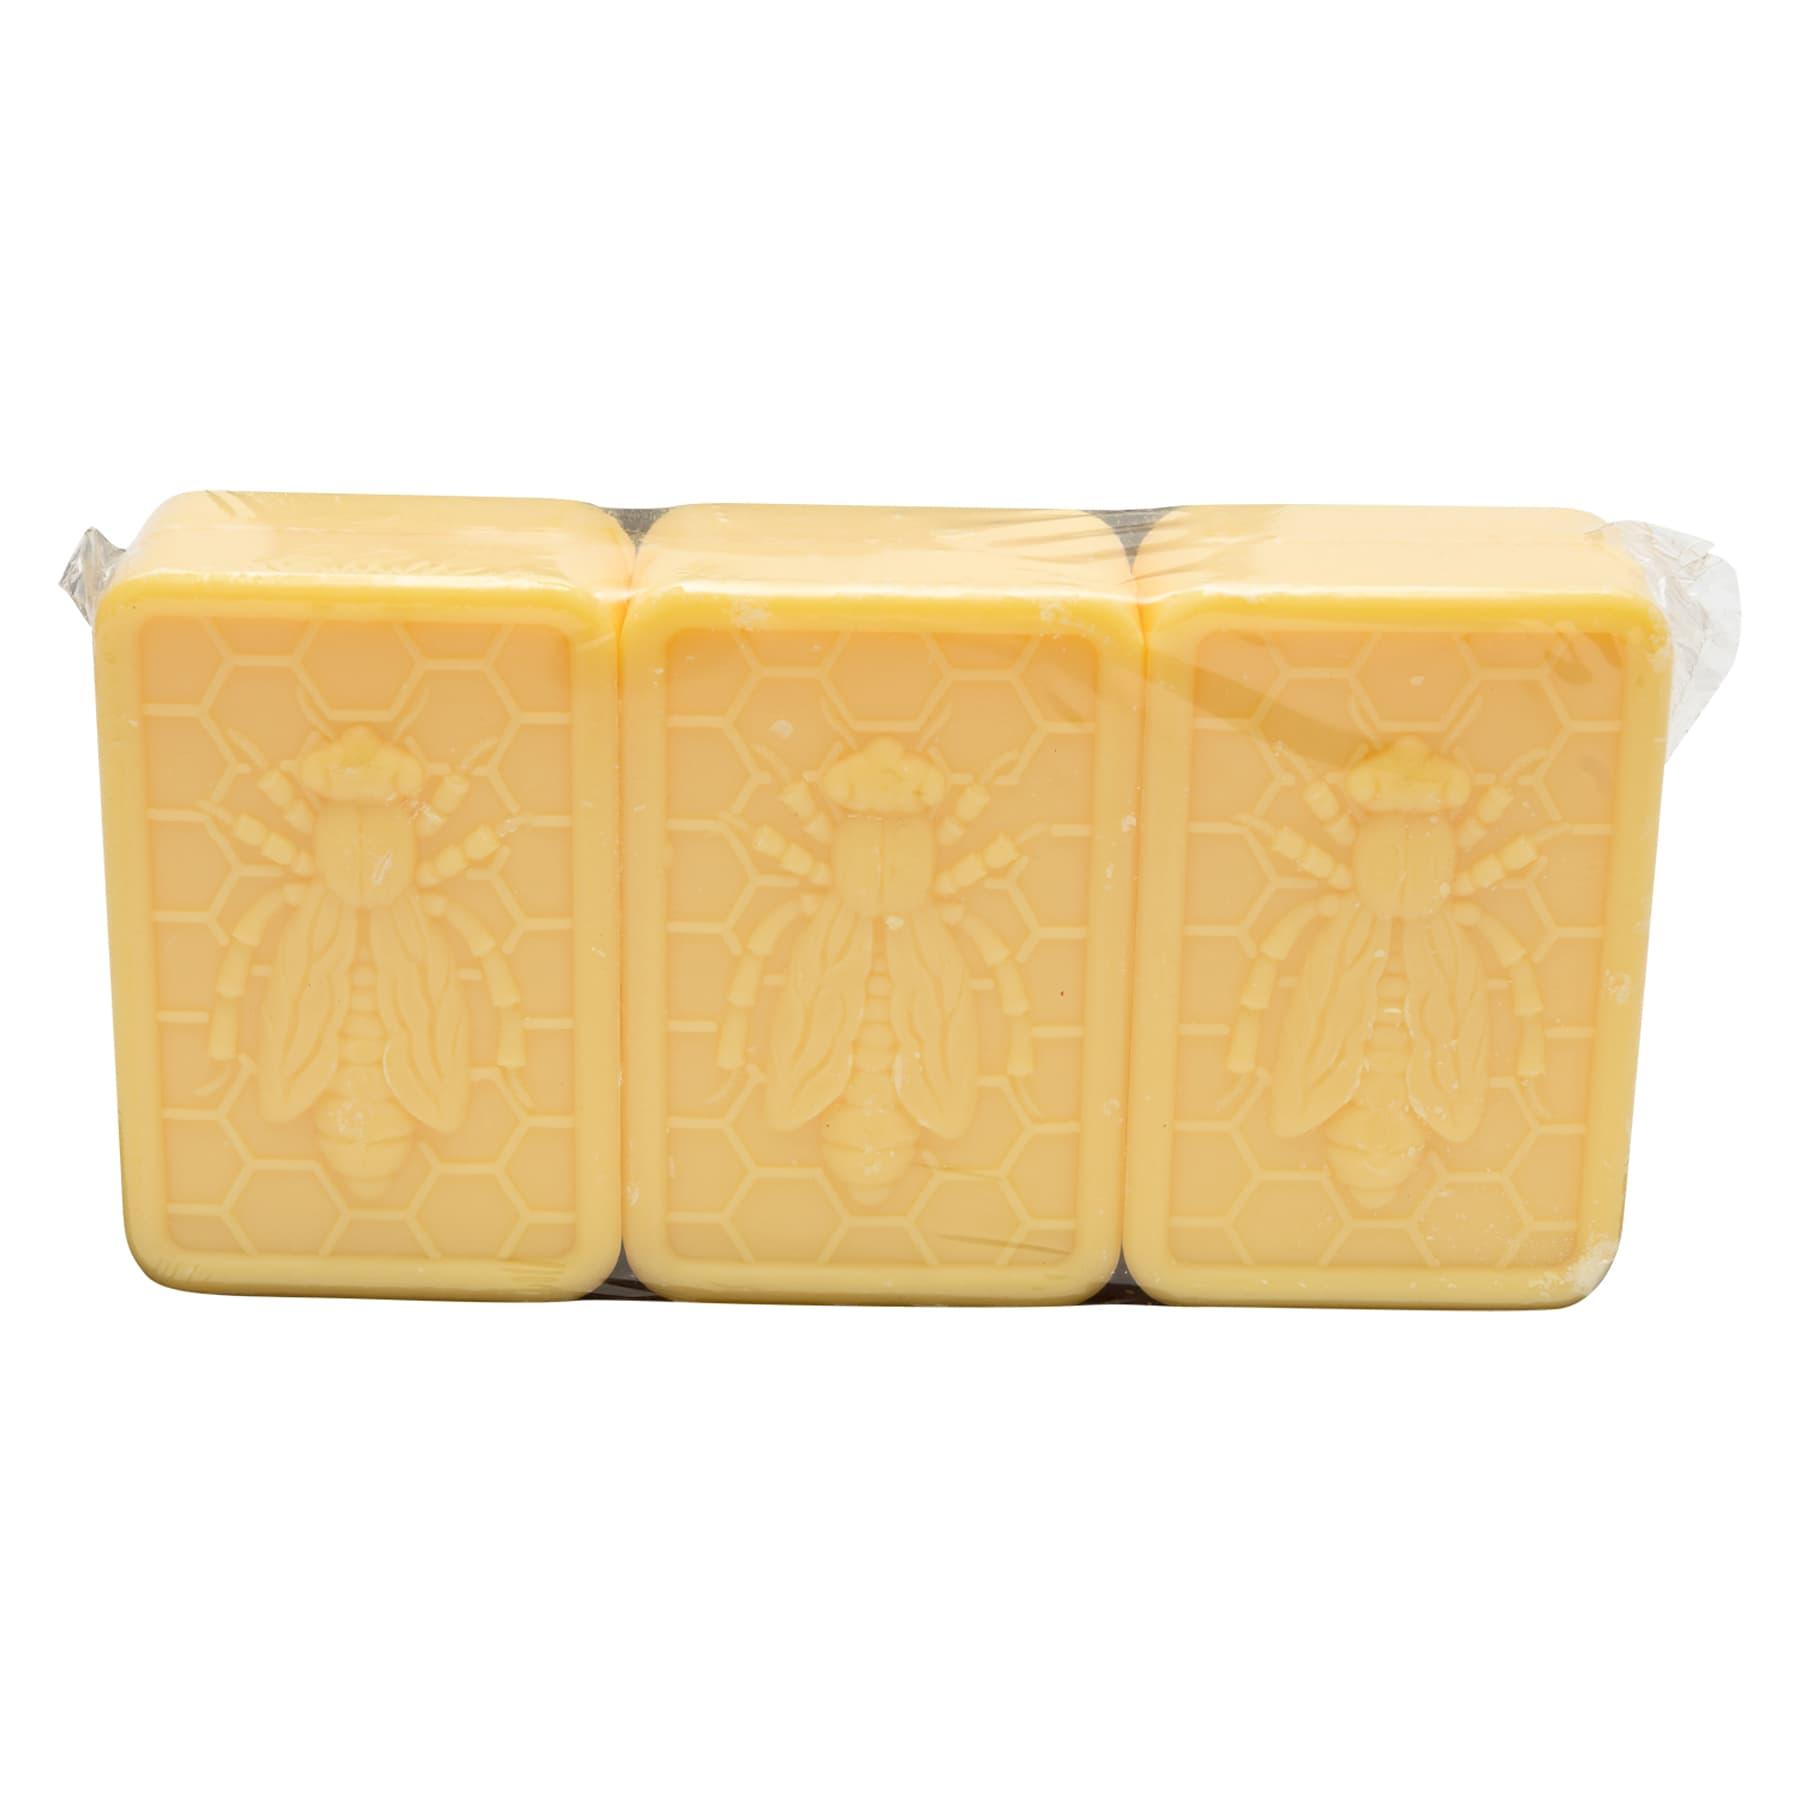 3 Honig-Lanolin-Seifen mit Bienendekor 100 g,  zu 3 Stück verpackt, 300 g